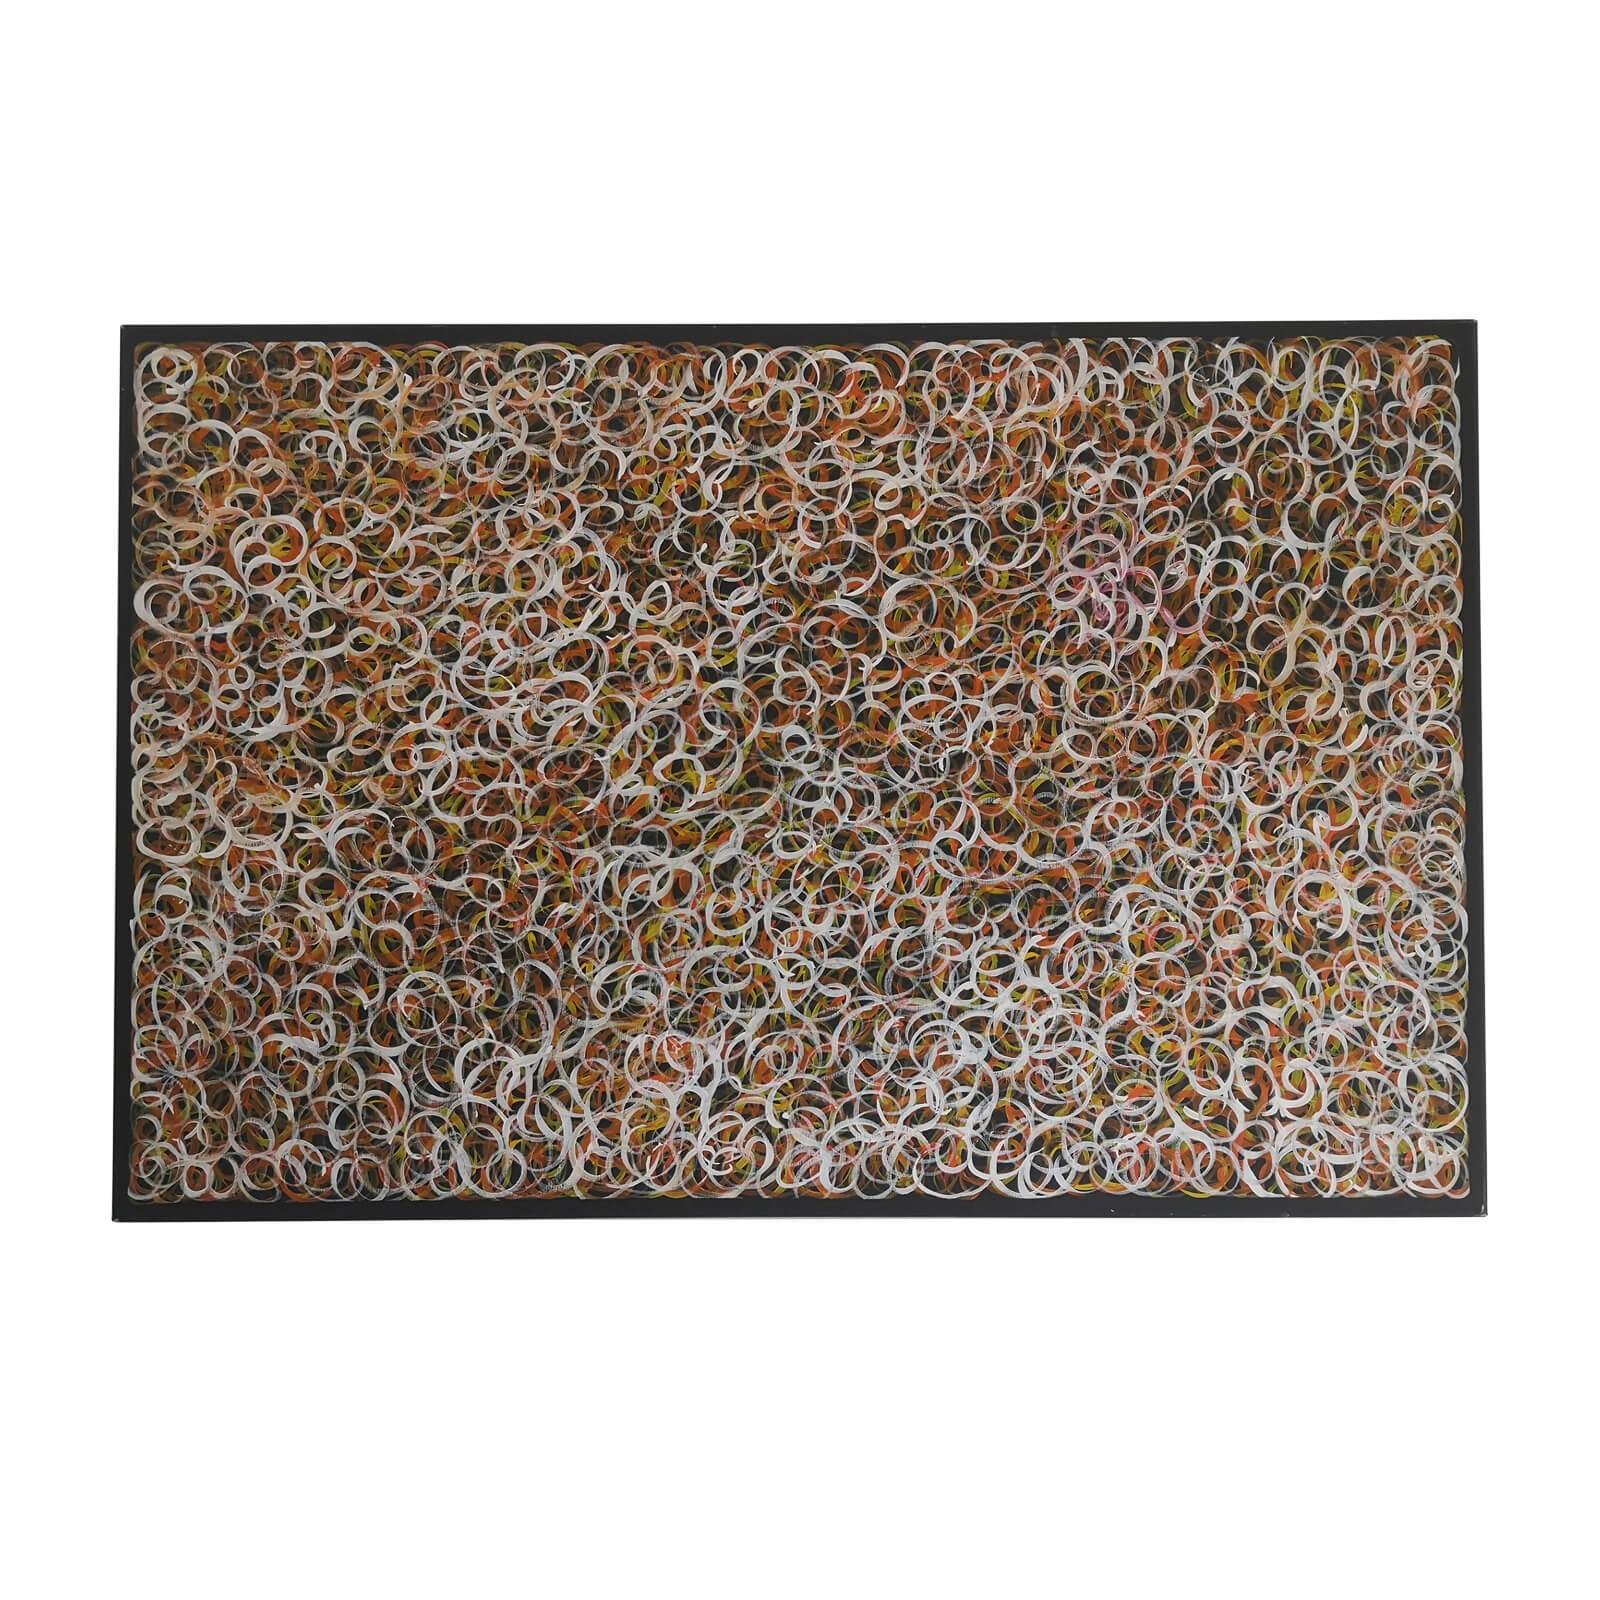 Gracie Morton Aboriginal painting Bush Plum